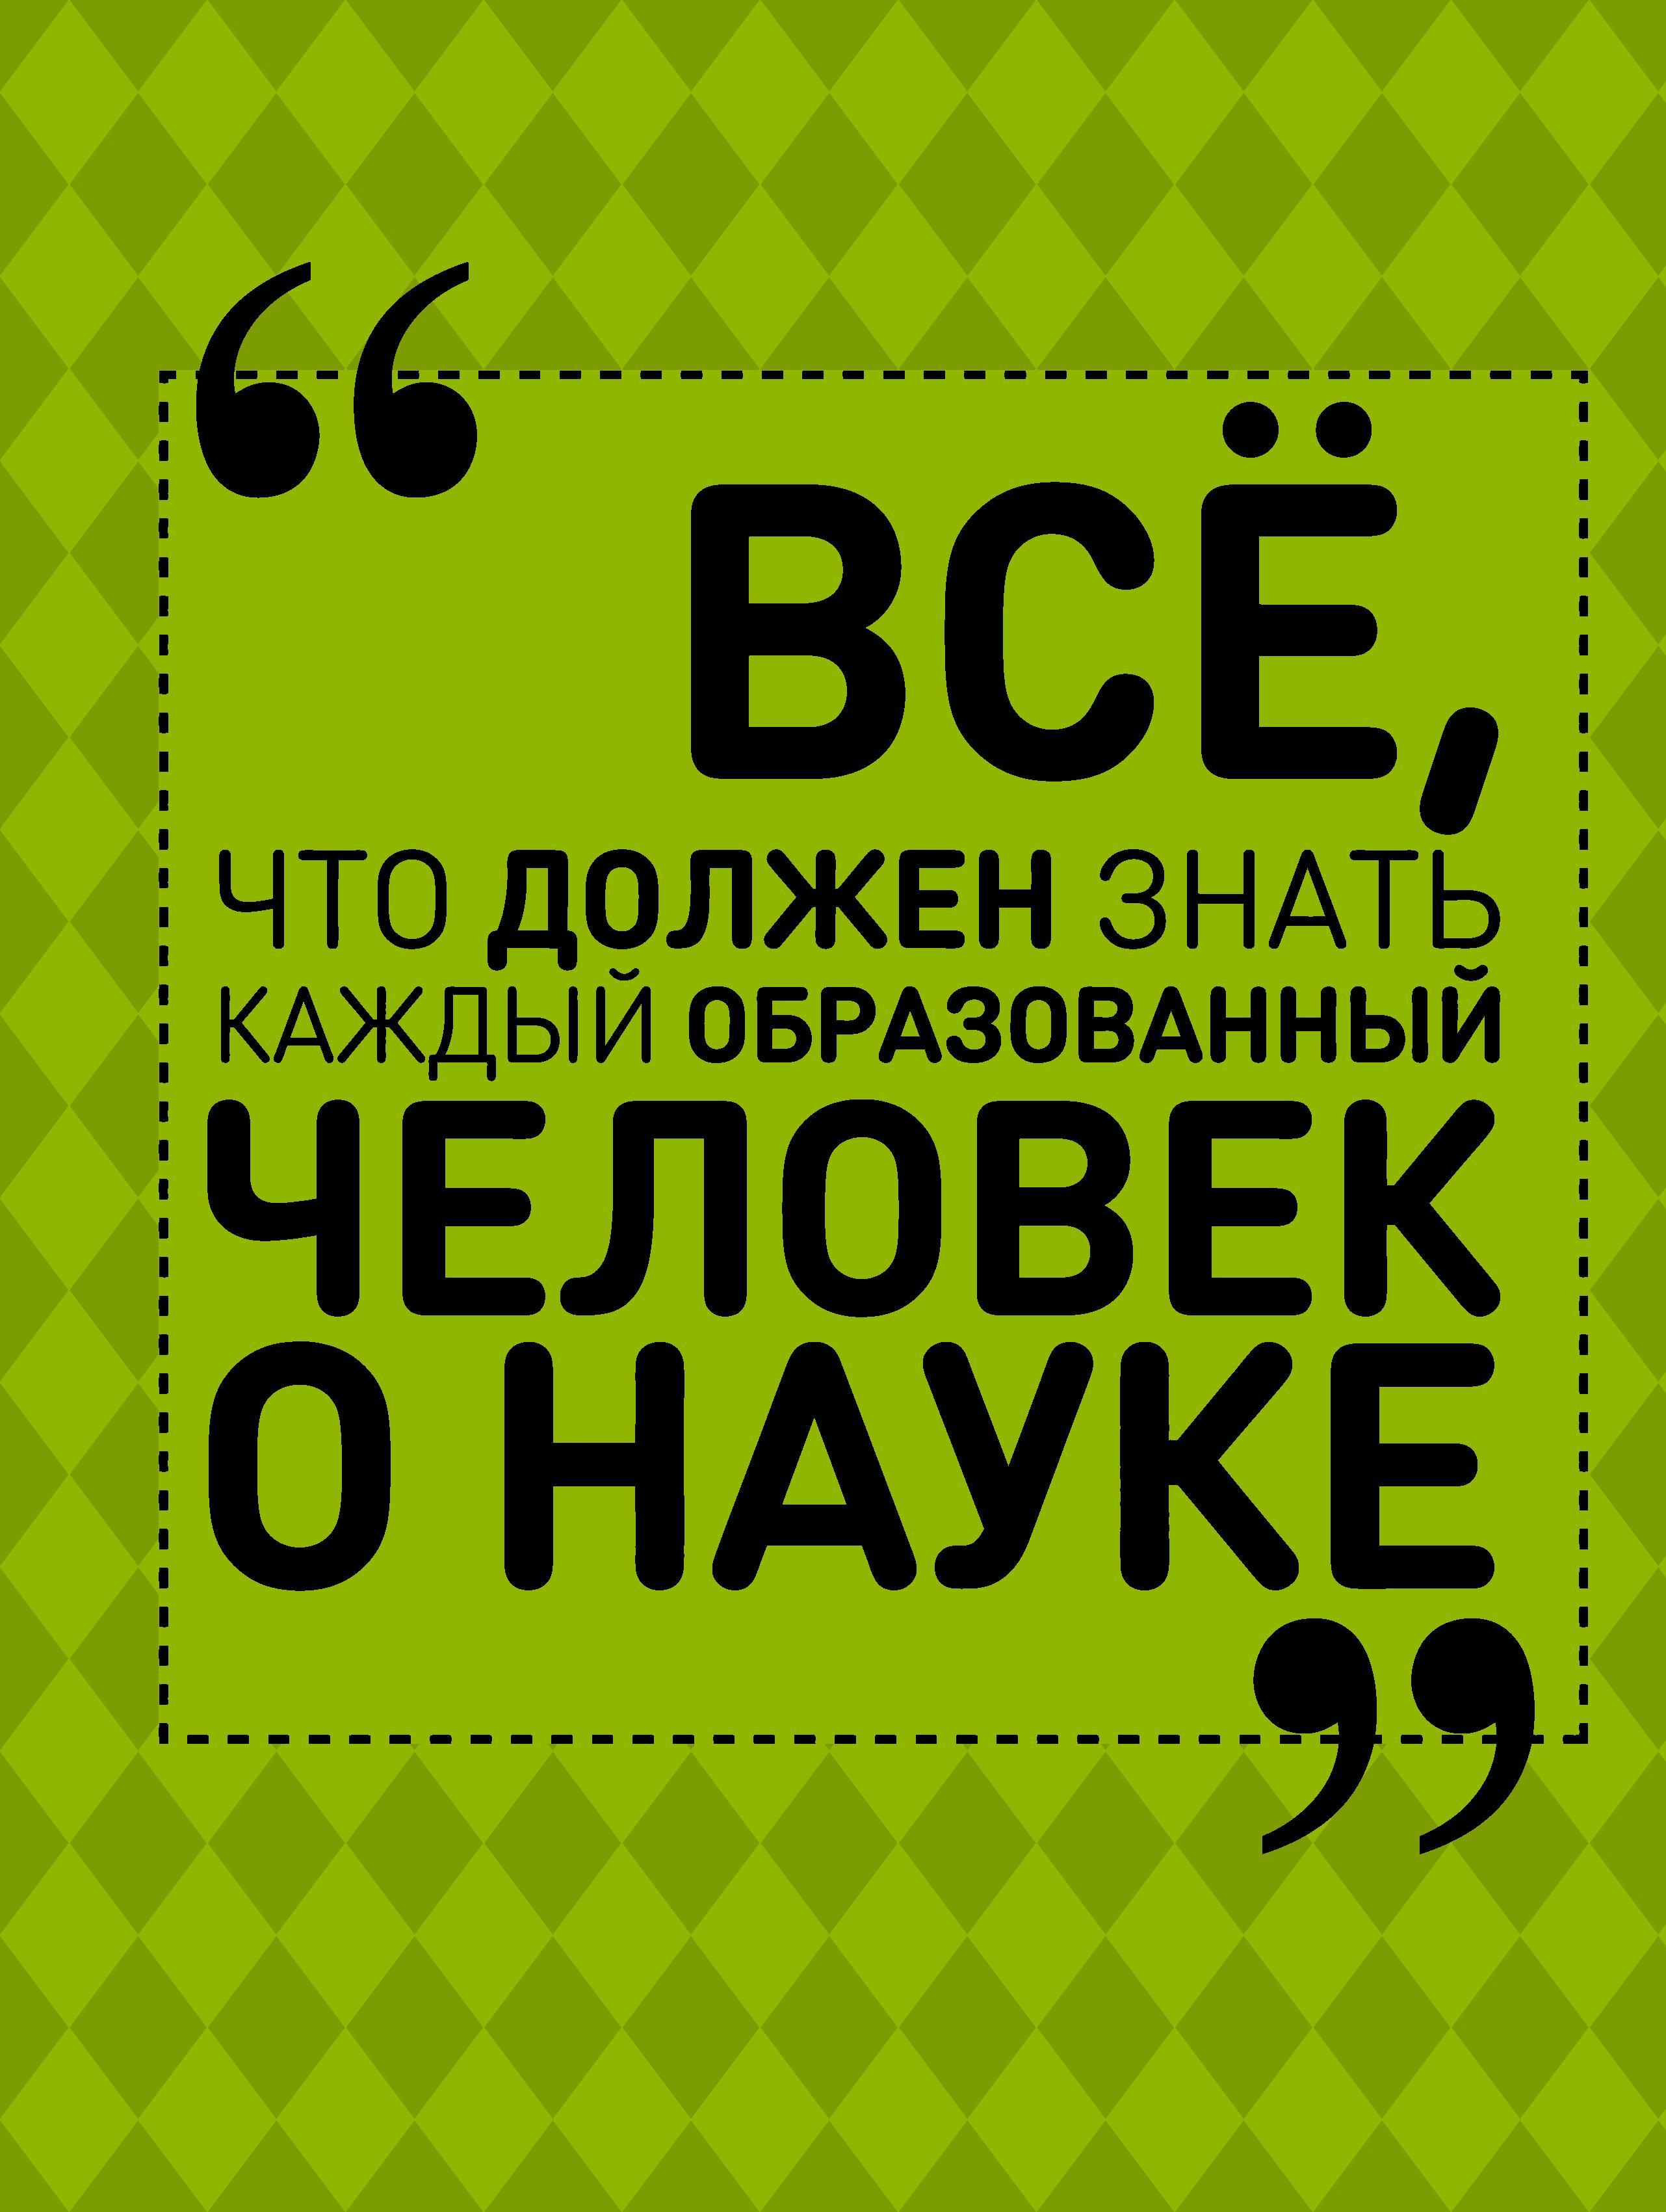 Блохина Ирина Валериевна; Спектор Анна Артуровна Все, что должен знать каждый образованный человек о науке